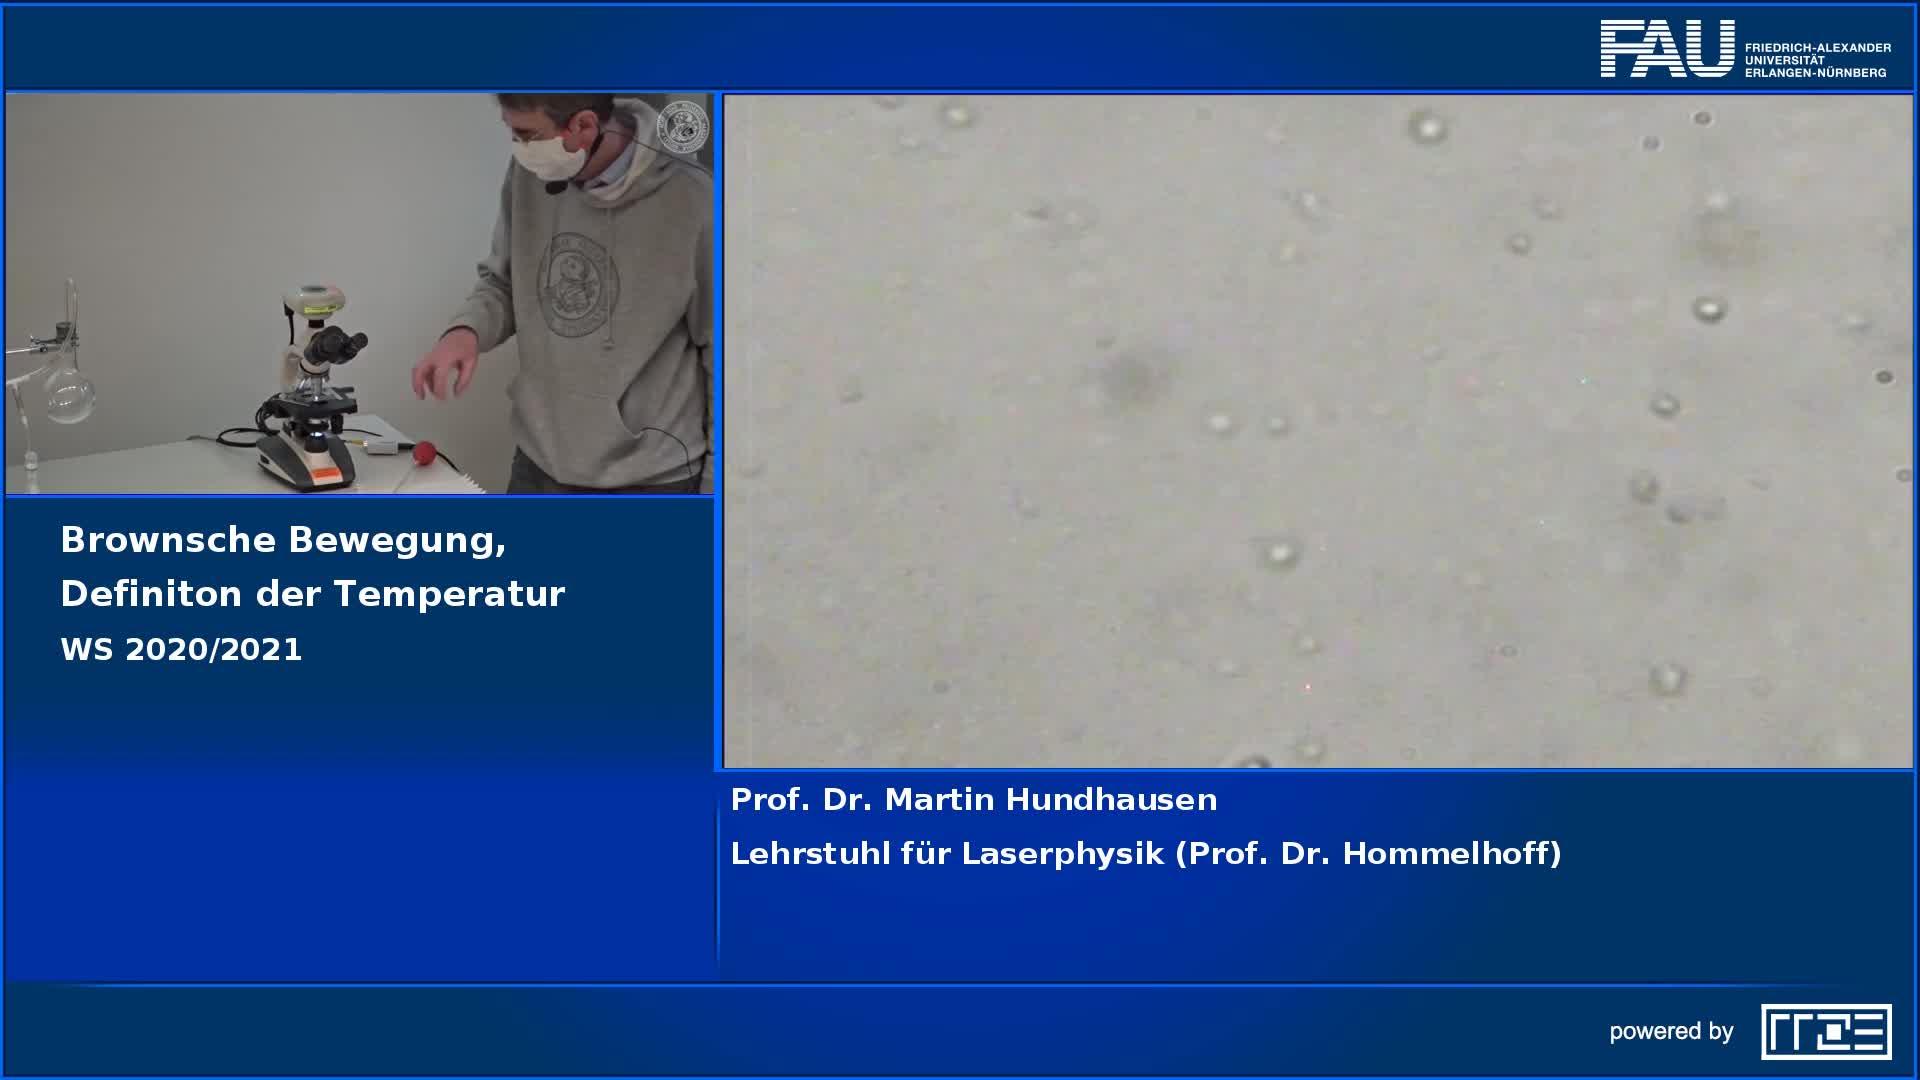 Brownsche Bewegung, Definition der Temperatur preview image